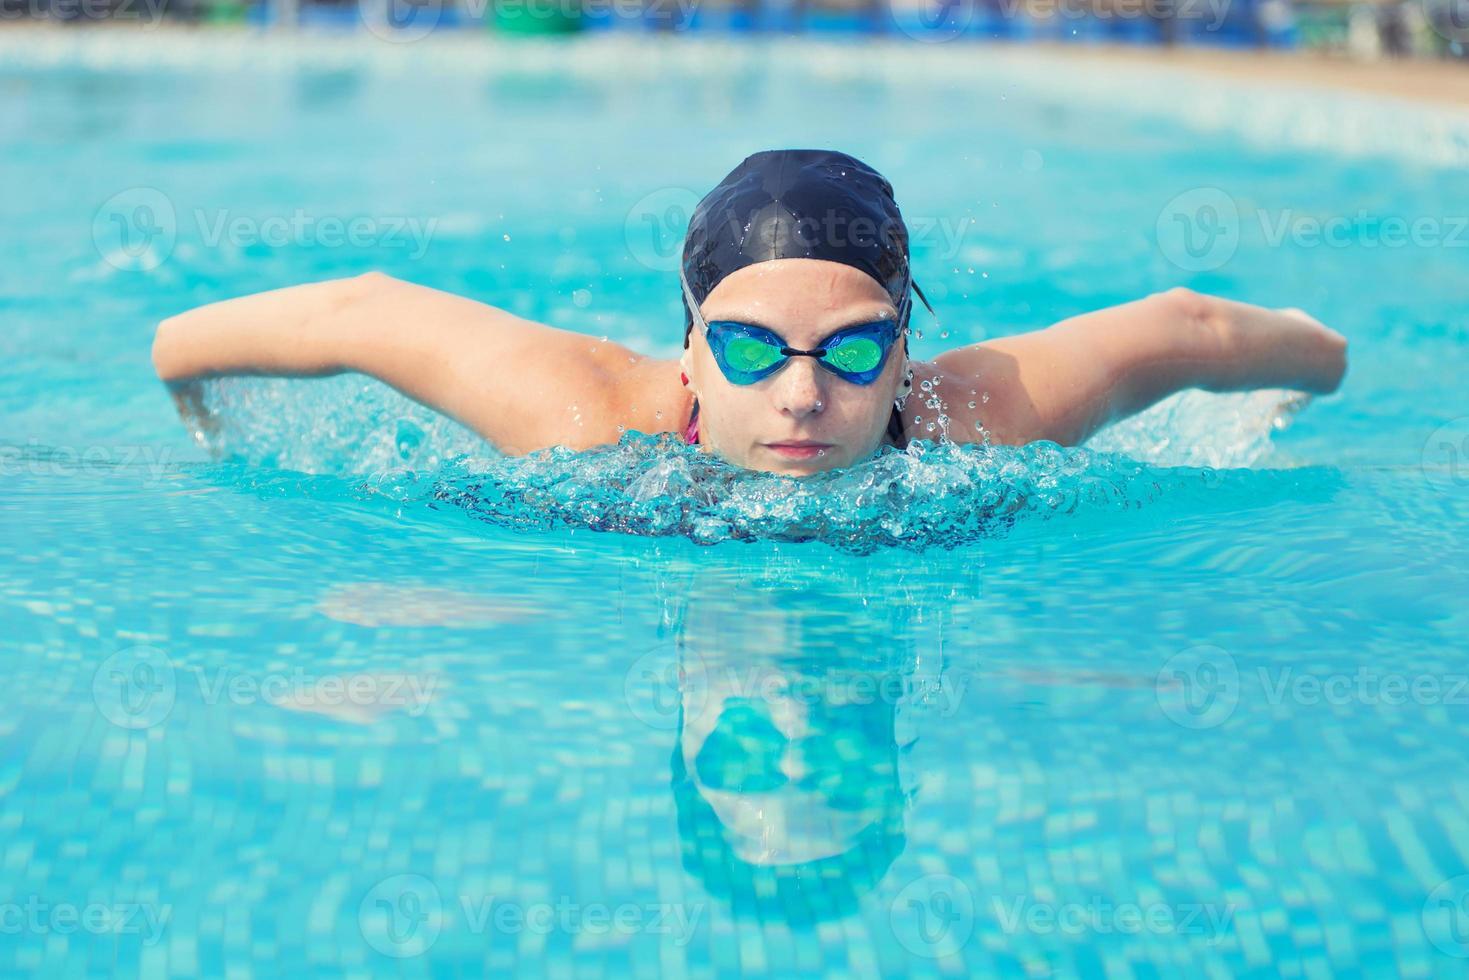 estilo de trazo de mariposa de natación de niña foto